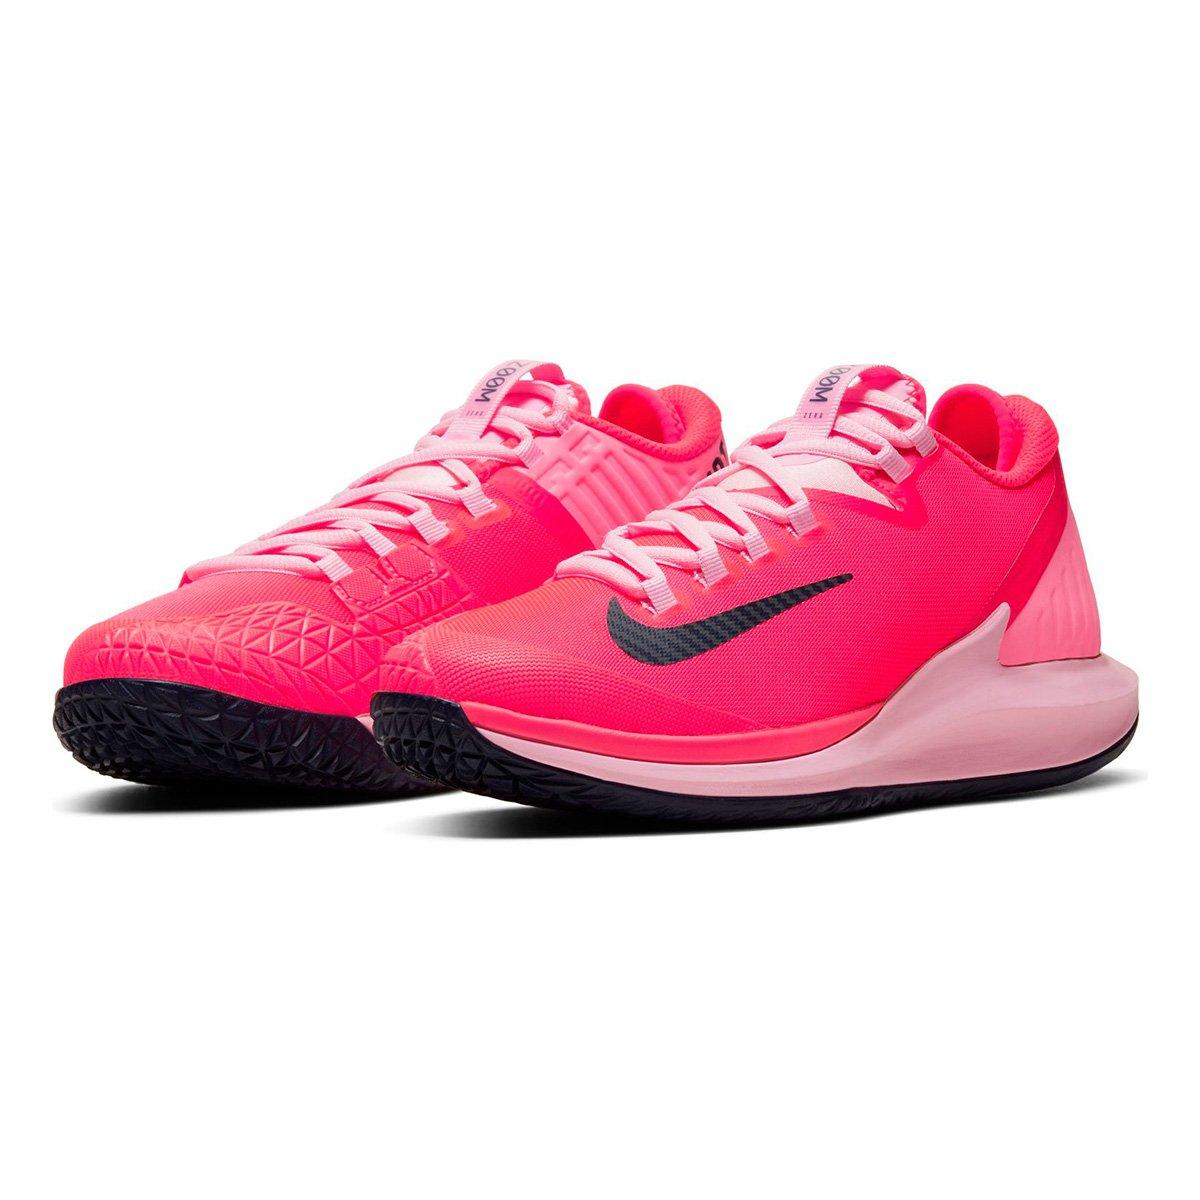 Tênis Nike Court Air Zoom Zero Hc Feminino